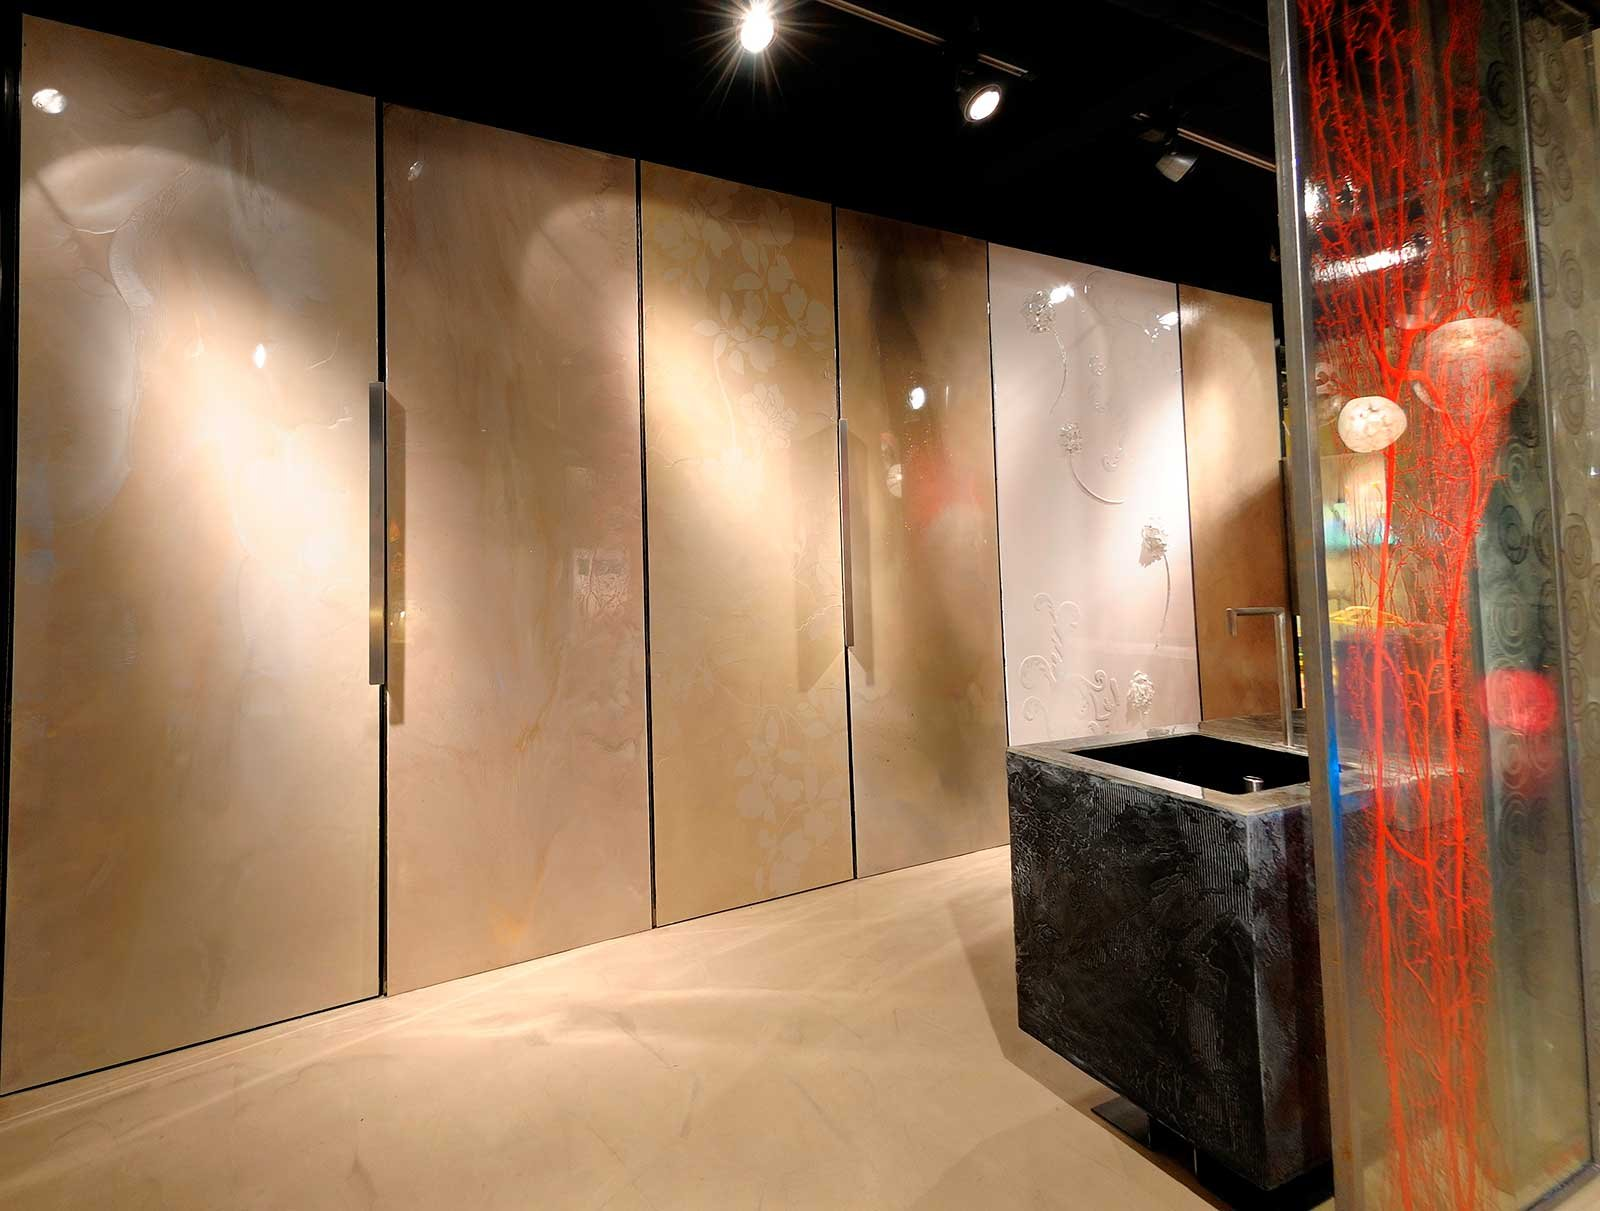 Resina rivestimenti per pavimenti pareti piani di for Piani di aggiunta della camera da letto principale